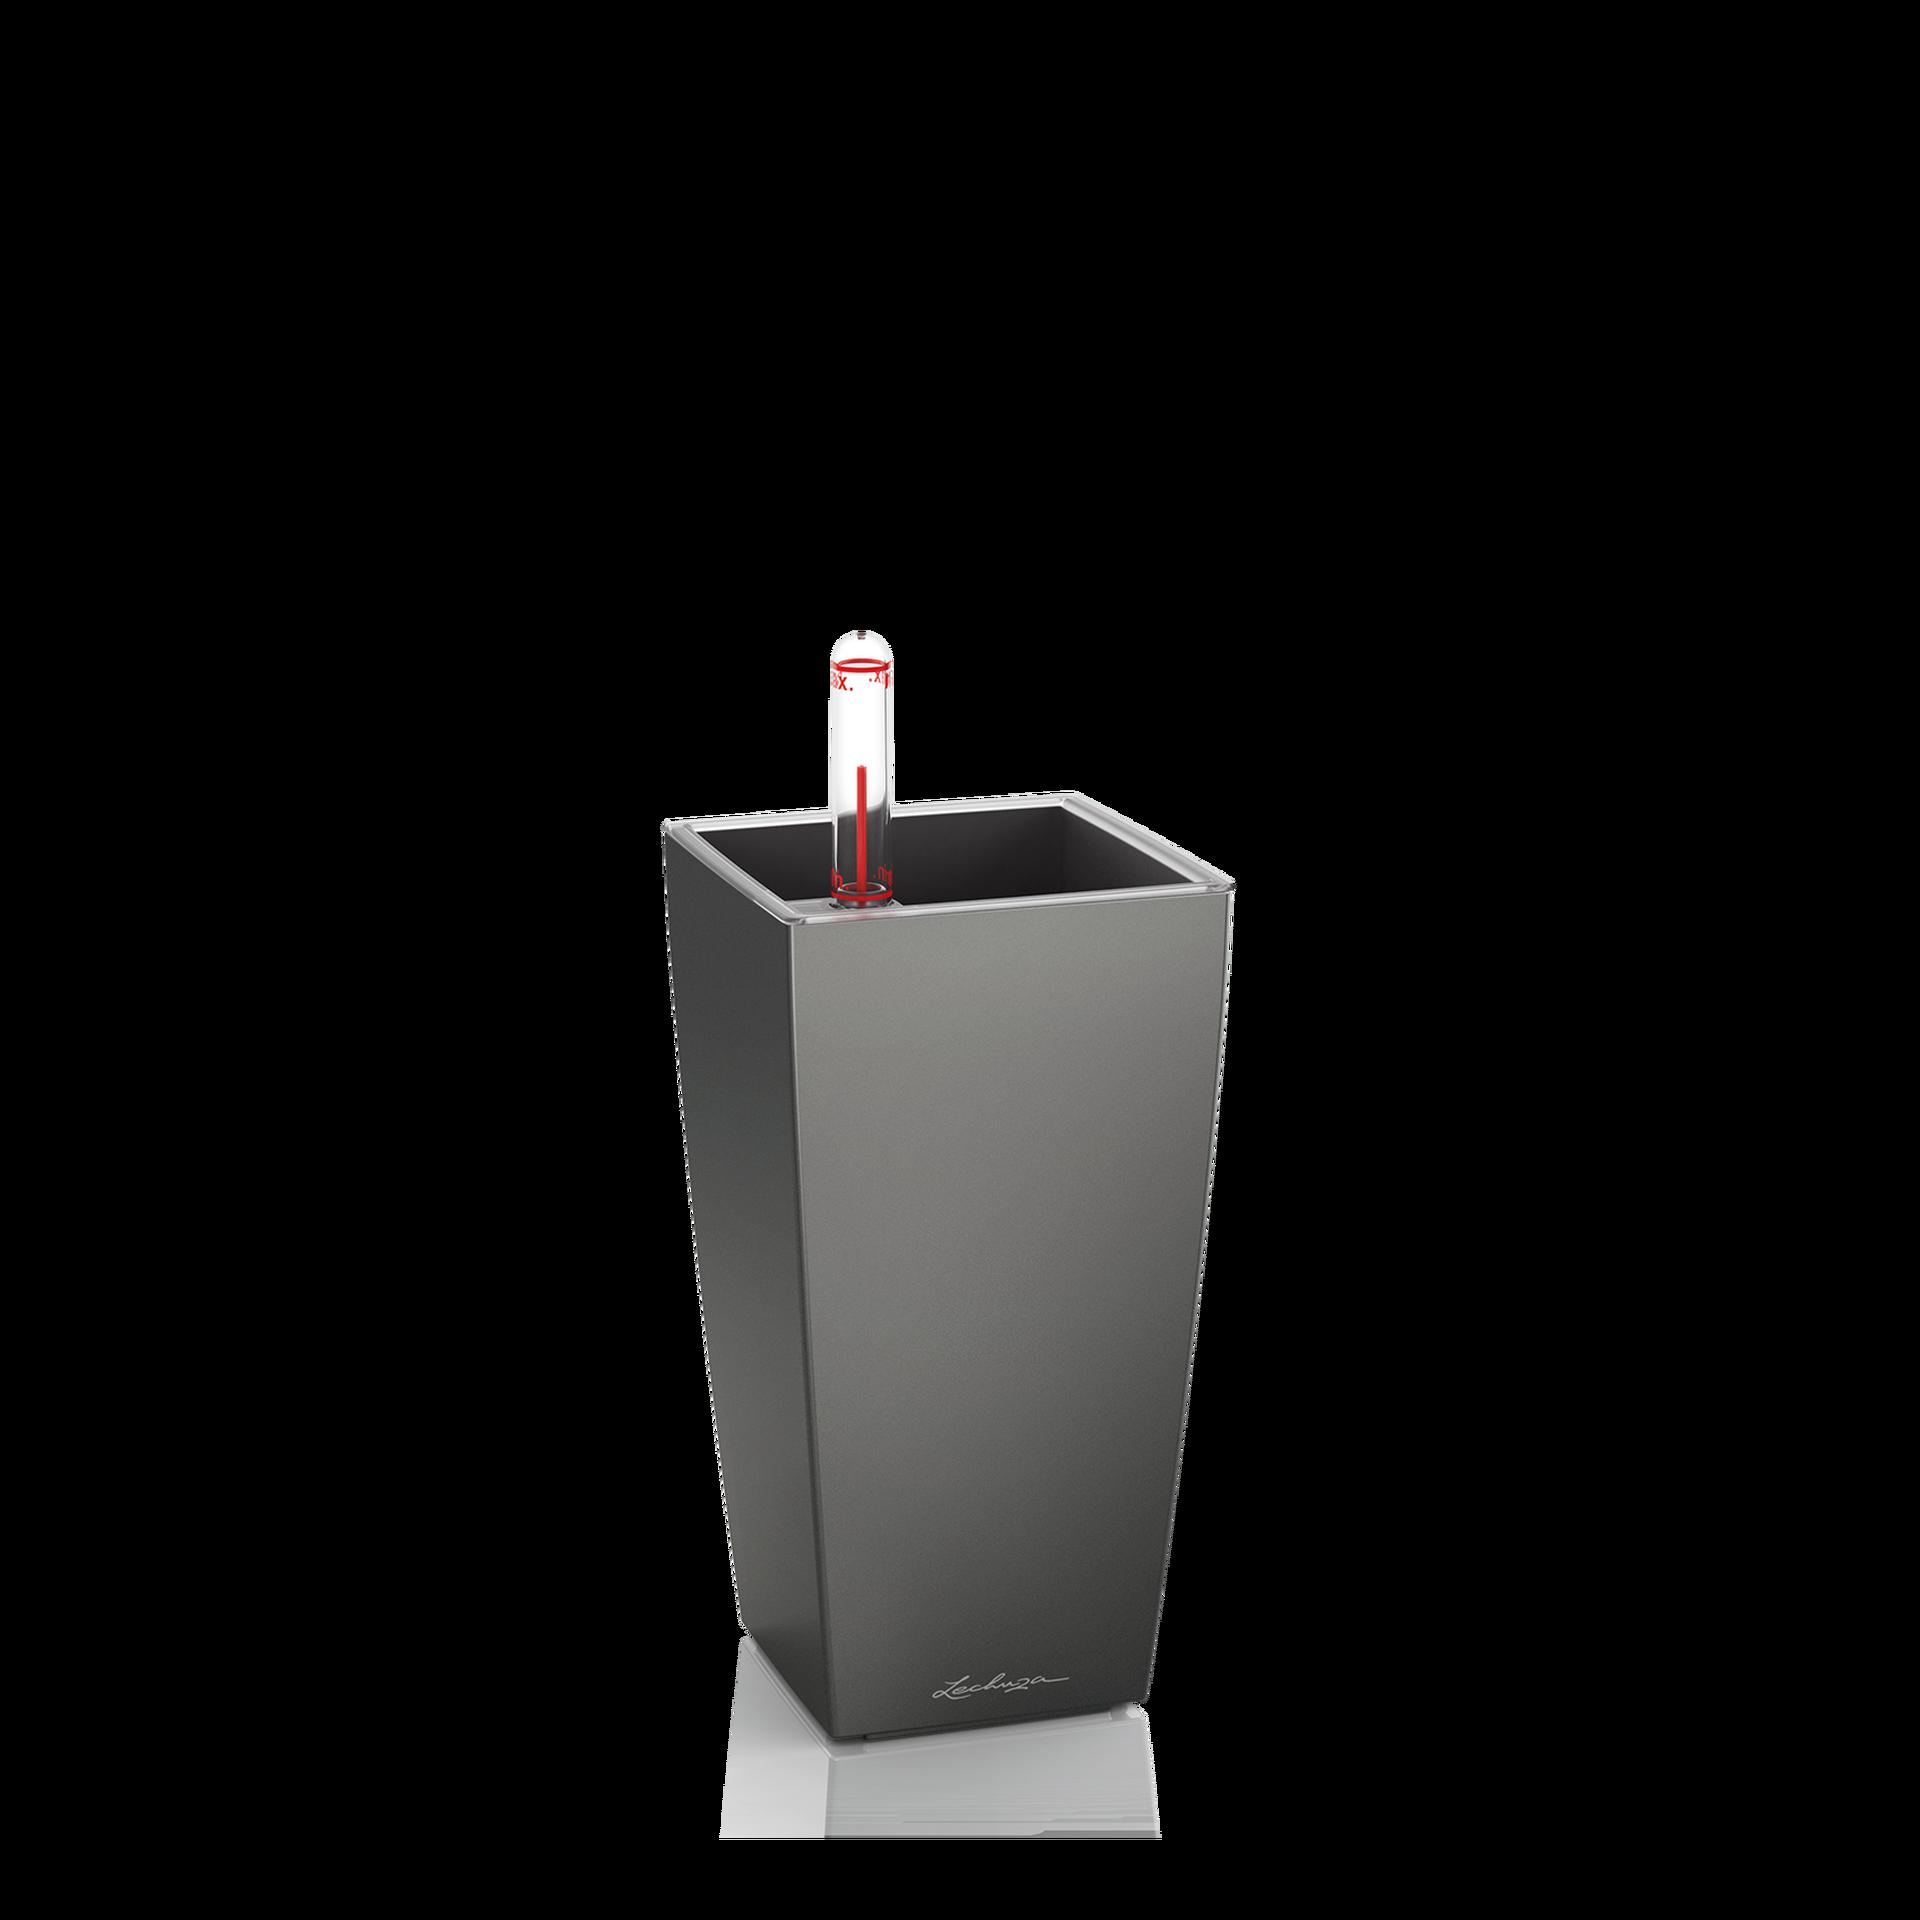 MINI-CUBI antraciet metallic